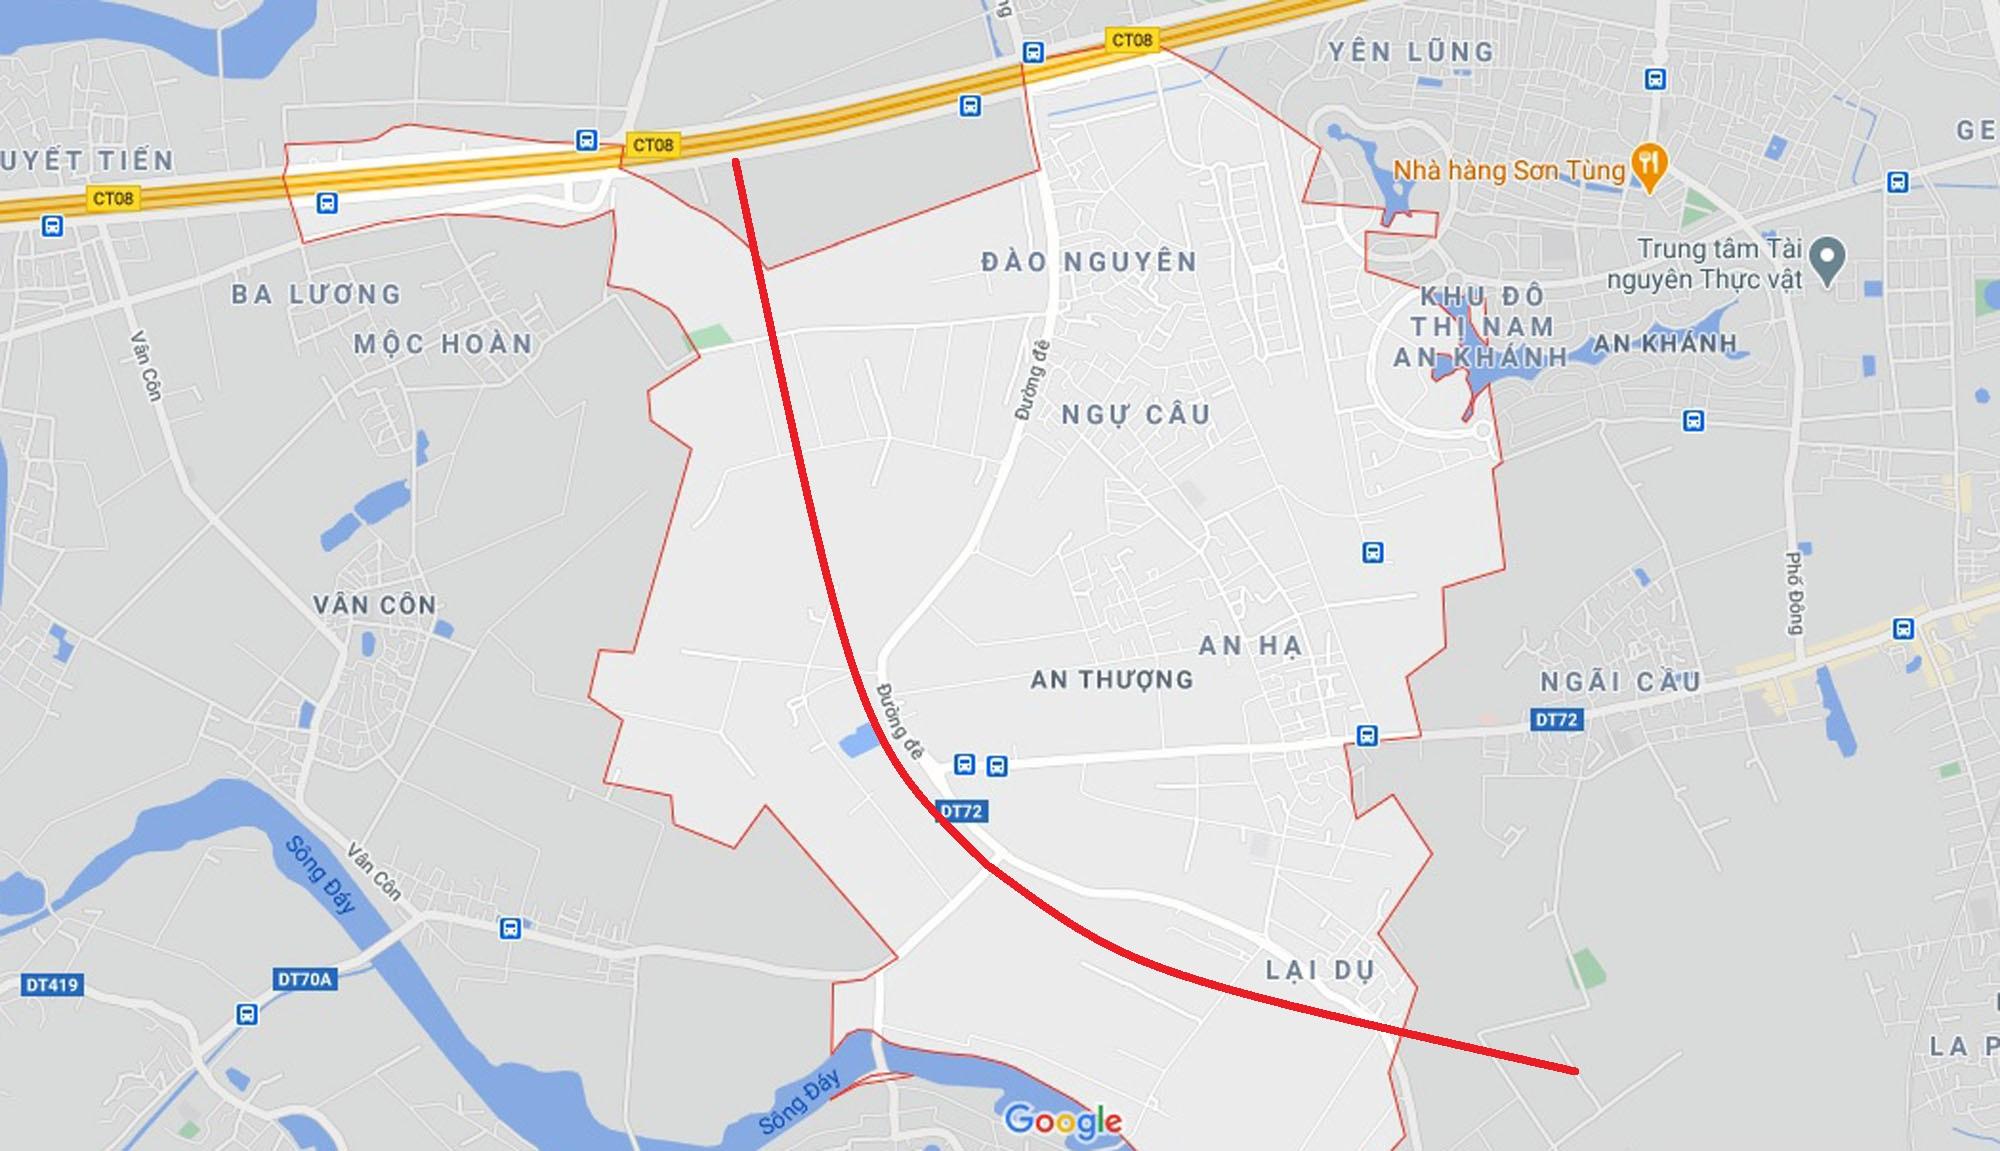 đường sẽ mở theo quy hoạch ở xã An Thượng, Hoài Đức, Hà Nội - Ảnh 2.